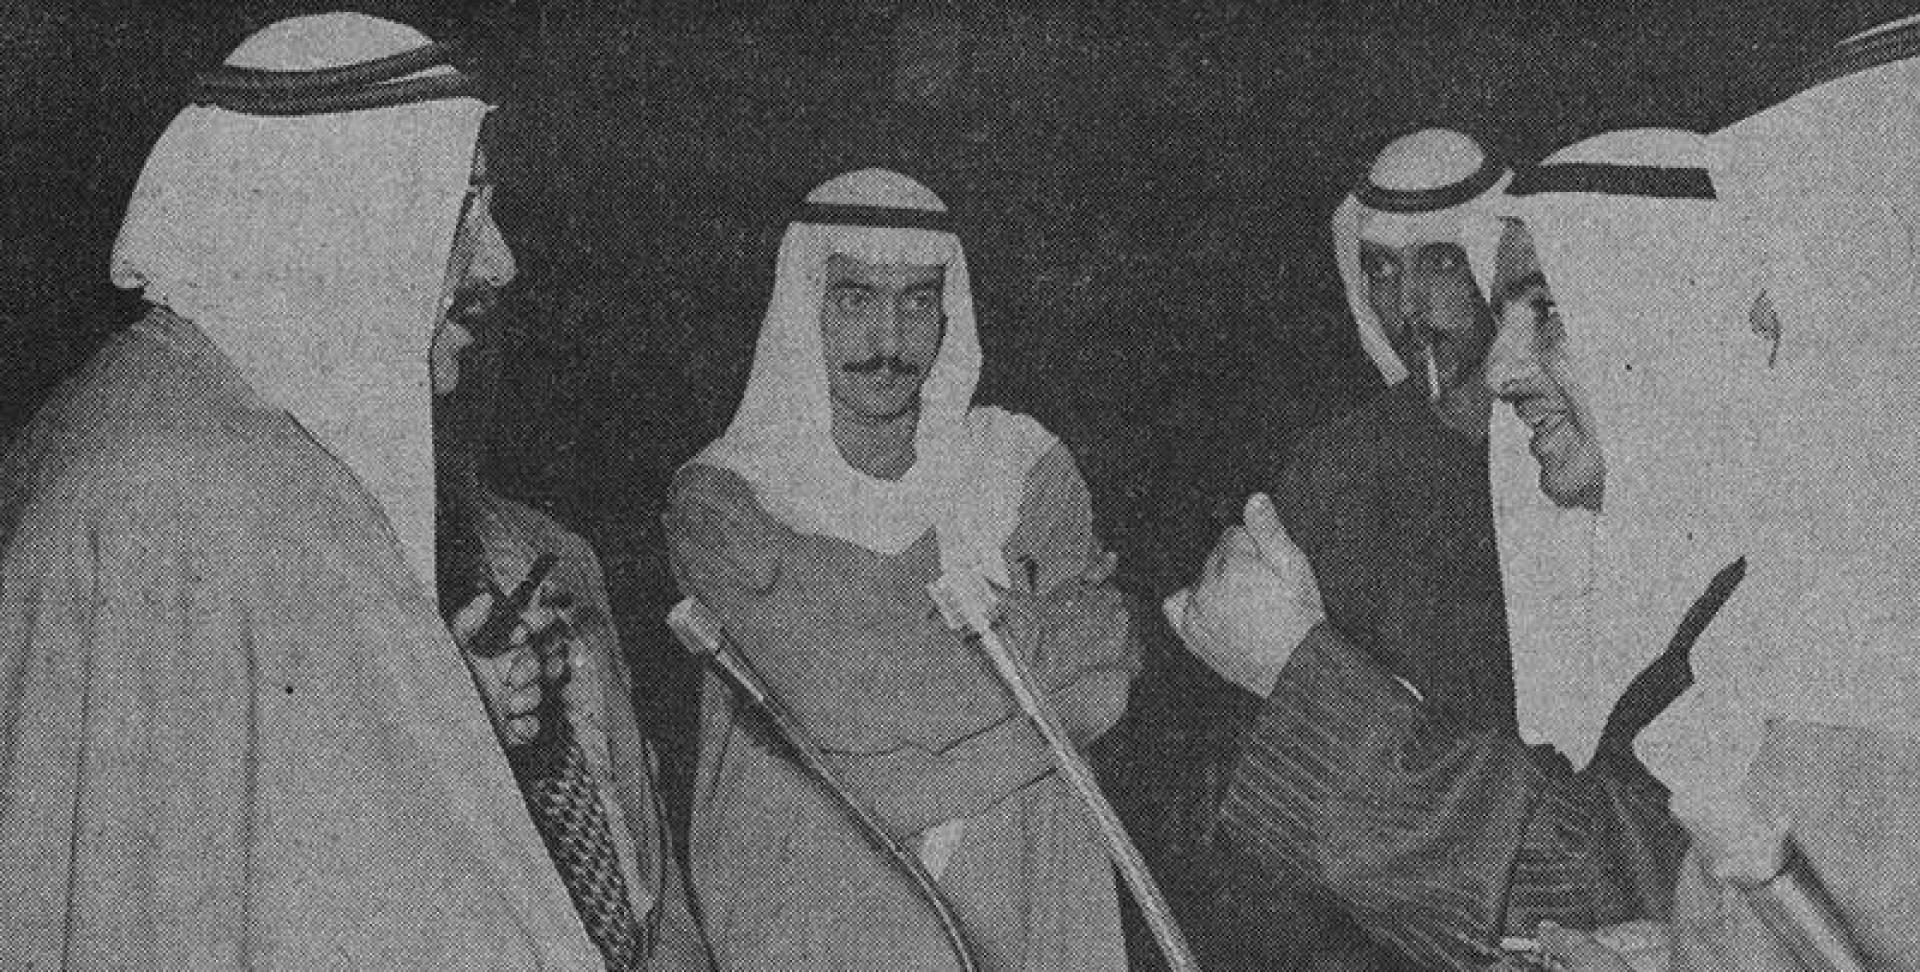 علي ثنيان الغانم يحاور وزير المالية والنفط أثناء الاستراحة.. أرشيفية